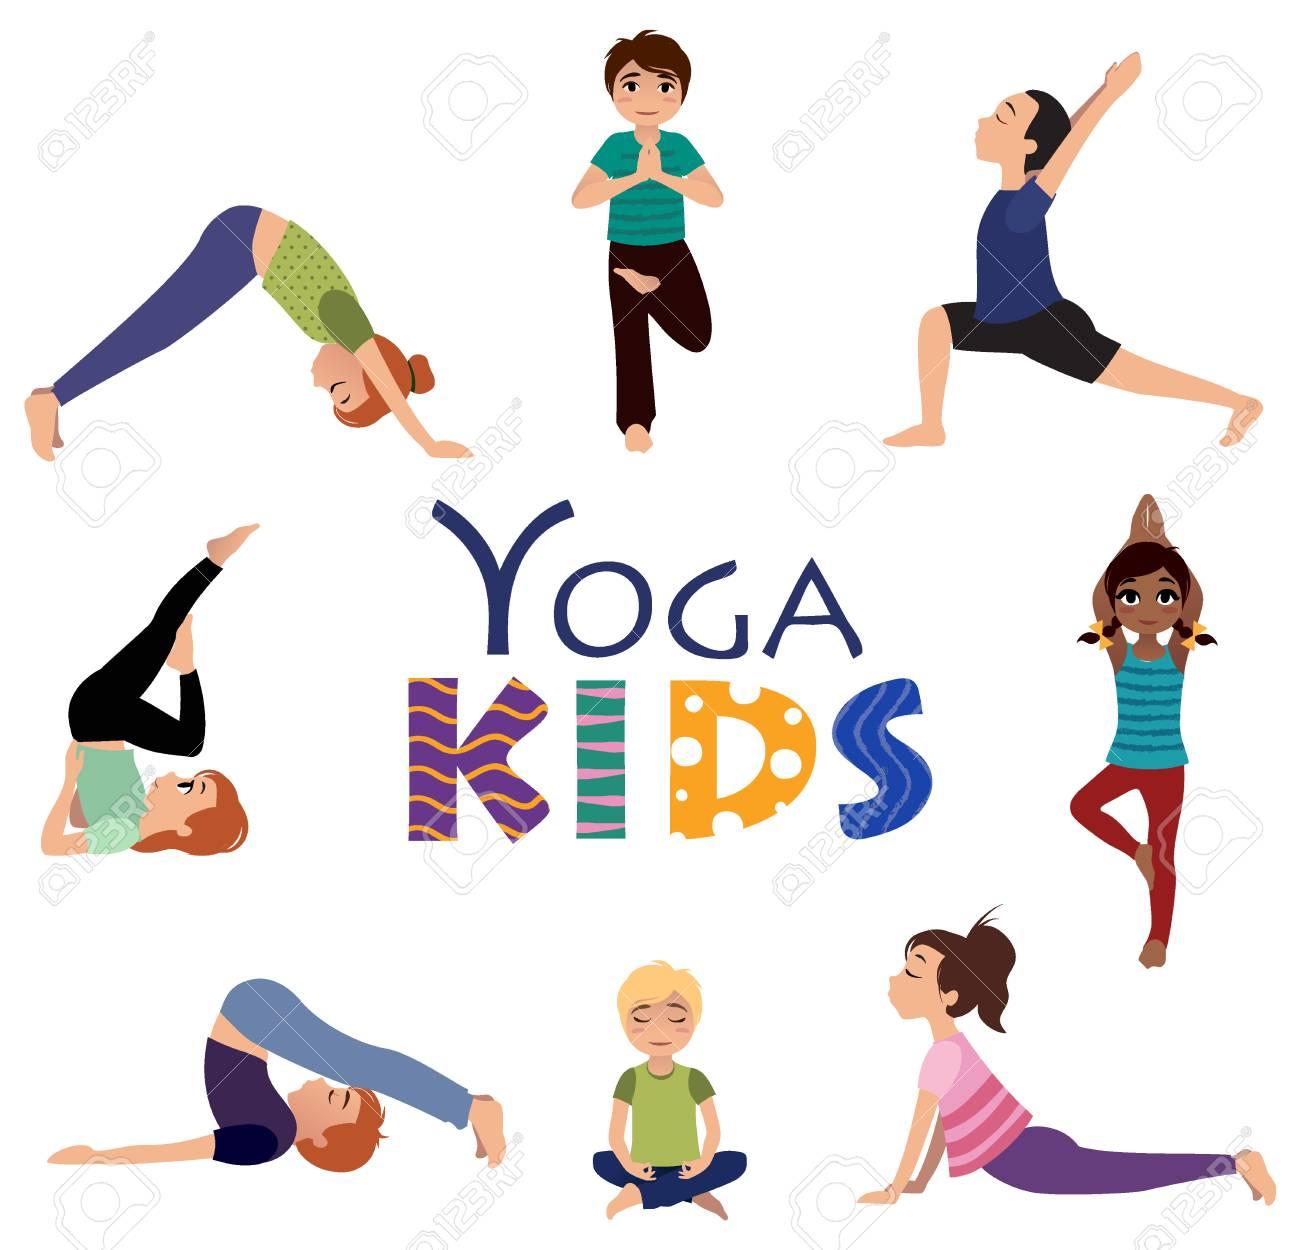 Yoga Para Ninos Asanas Conjunto De Posturas De Yoga Y Estilo De Vida Saludable Ilustracion Vectorial Ilustraciones Vectoriales Clip Art Vectorizado Libre De Derechos Image 68606130